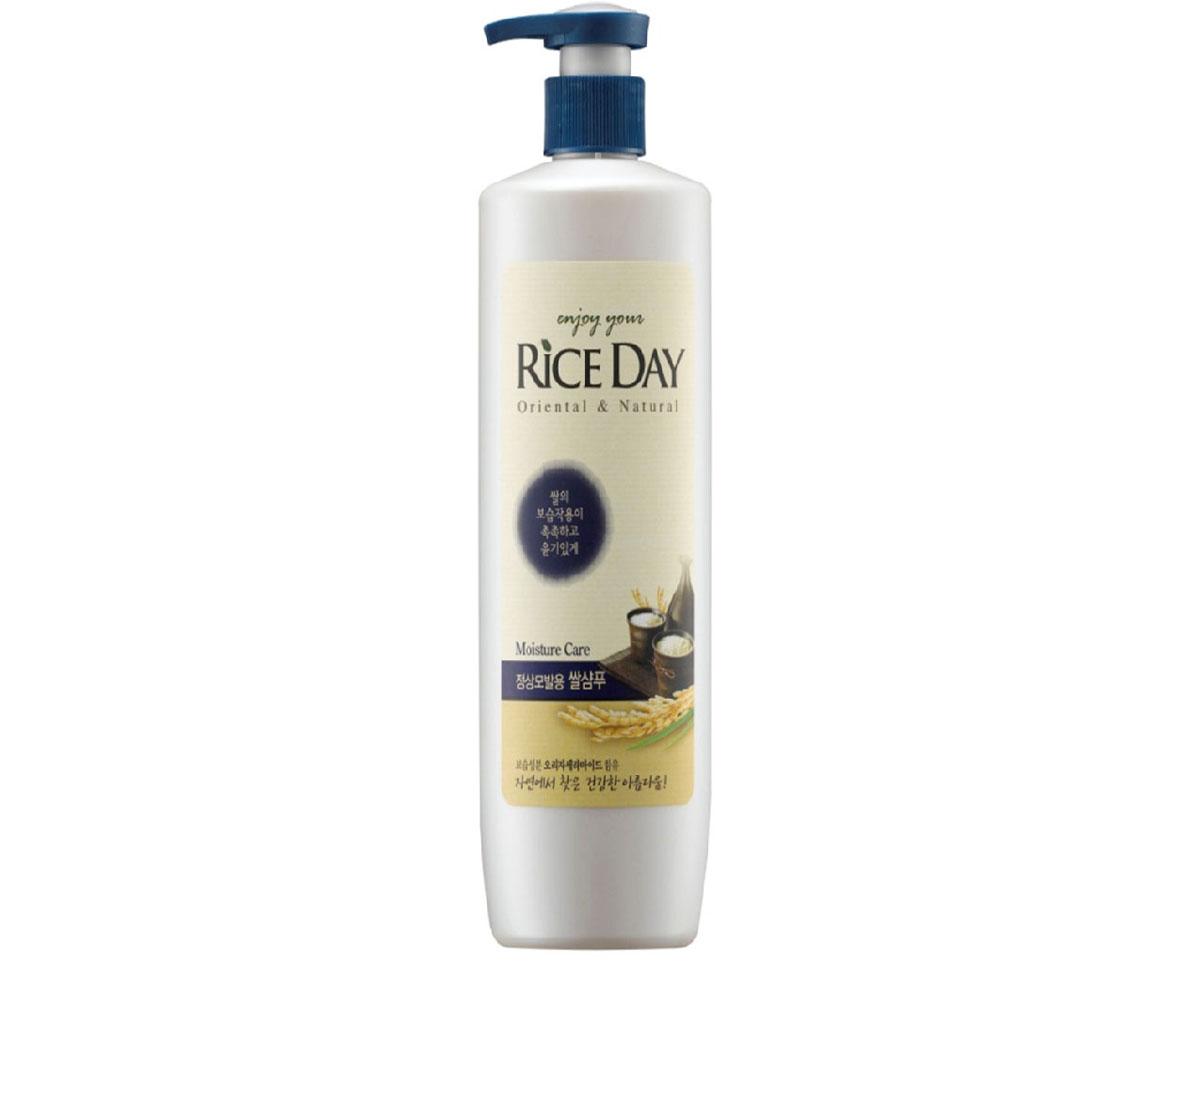 CJ Lion Шампунь для нормальных волос Riceday 550 г604129Увлажняющий шампунь для волос нормального типа с экстрактами рисовых отрубей, портулака огородного и керамидами.• Проникая в волос, керамиды заполняют пространство в наружном слое кутикул, предохраняя волосы от ломкости и придавая им блеск и ухоженный вид• Масло рисовых отрубей глубоко увлажняет и питает волосы, защищает от воздействия УФ-лучей, предотвращает преждевременное выпадение волос и способствует их росту• Экстракт портулака огородного защищает волосы от агрессивного внешнего воздействия окружающей среды, помогает волосам сохранять естественный блеск.